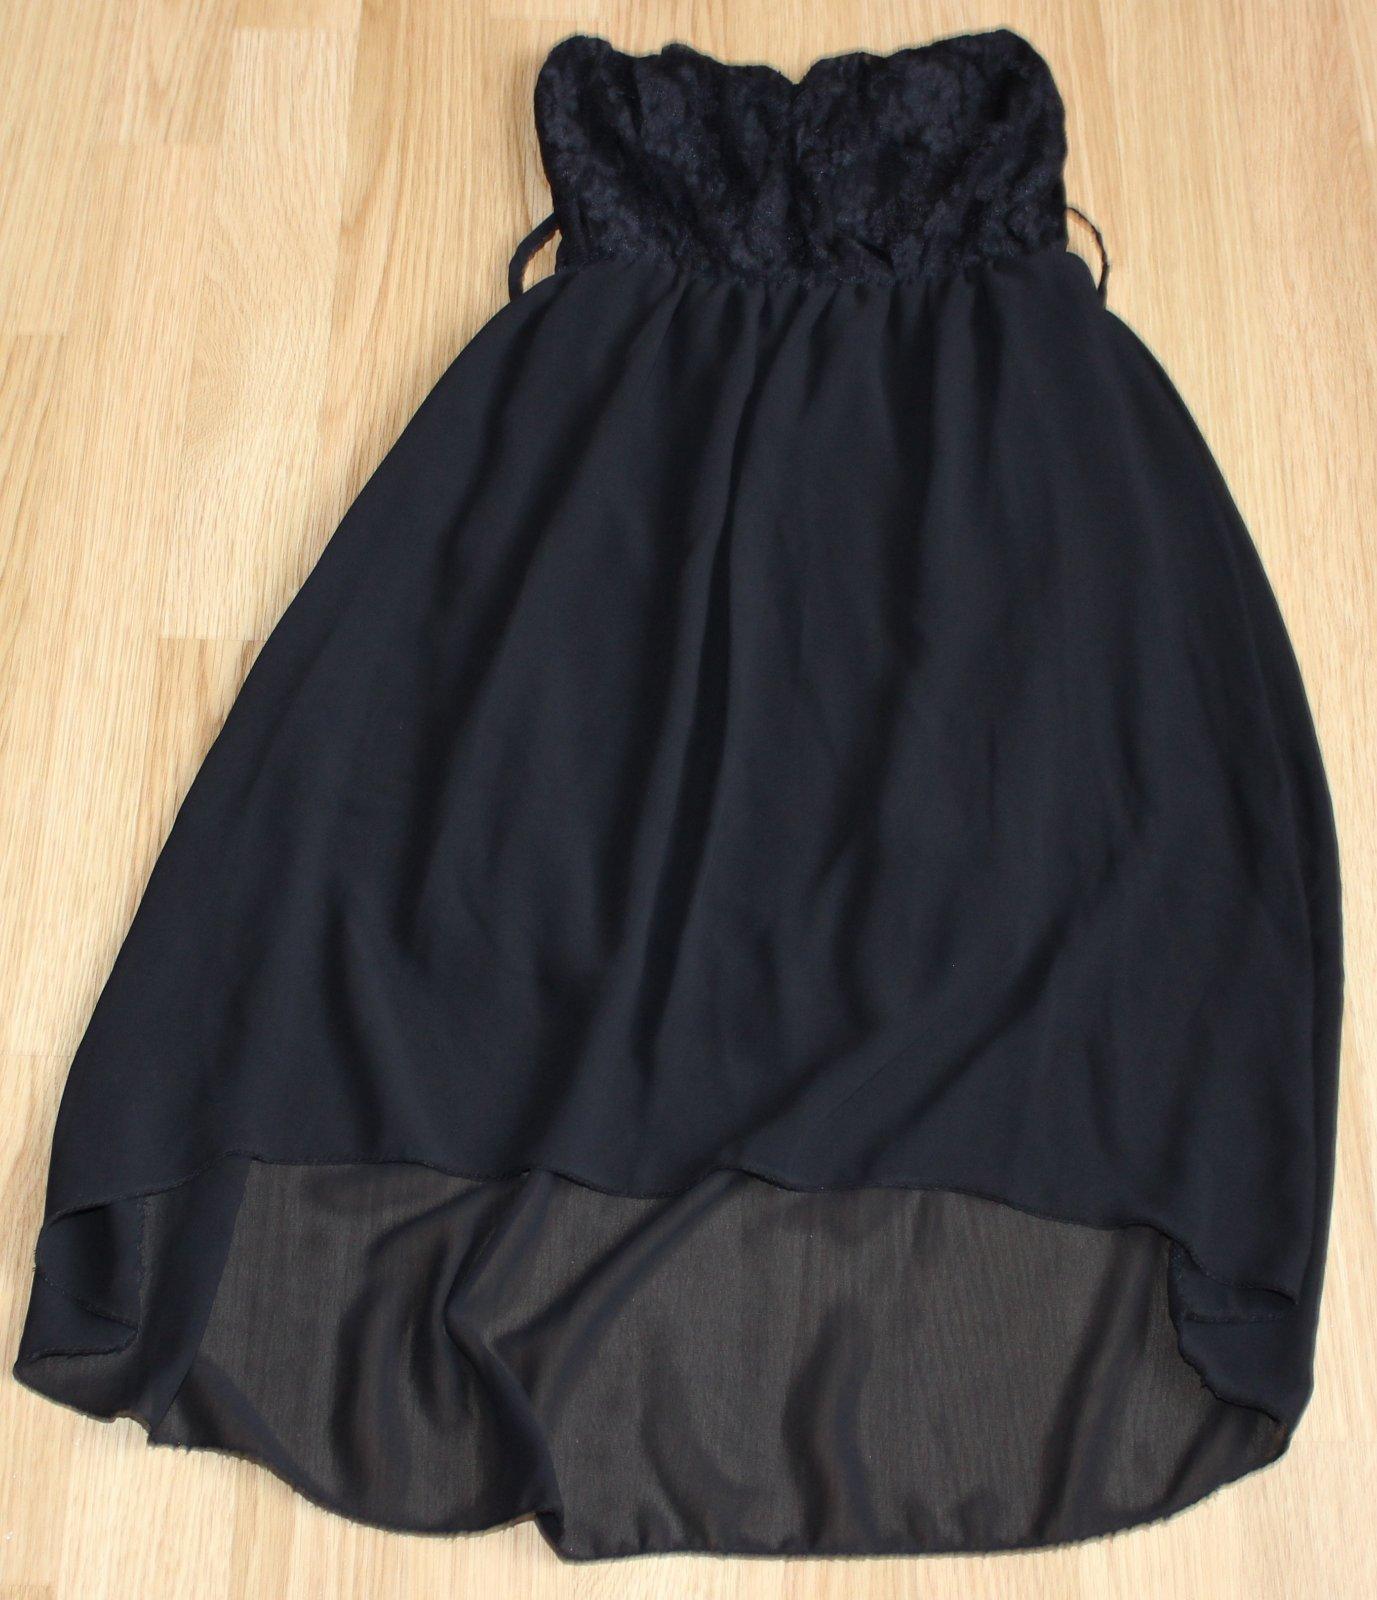 Čierne šaty, nenosené - Obrázok č. 1